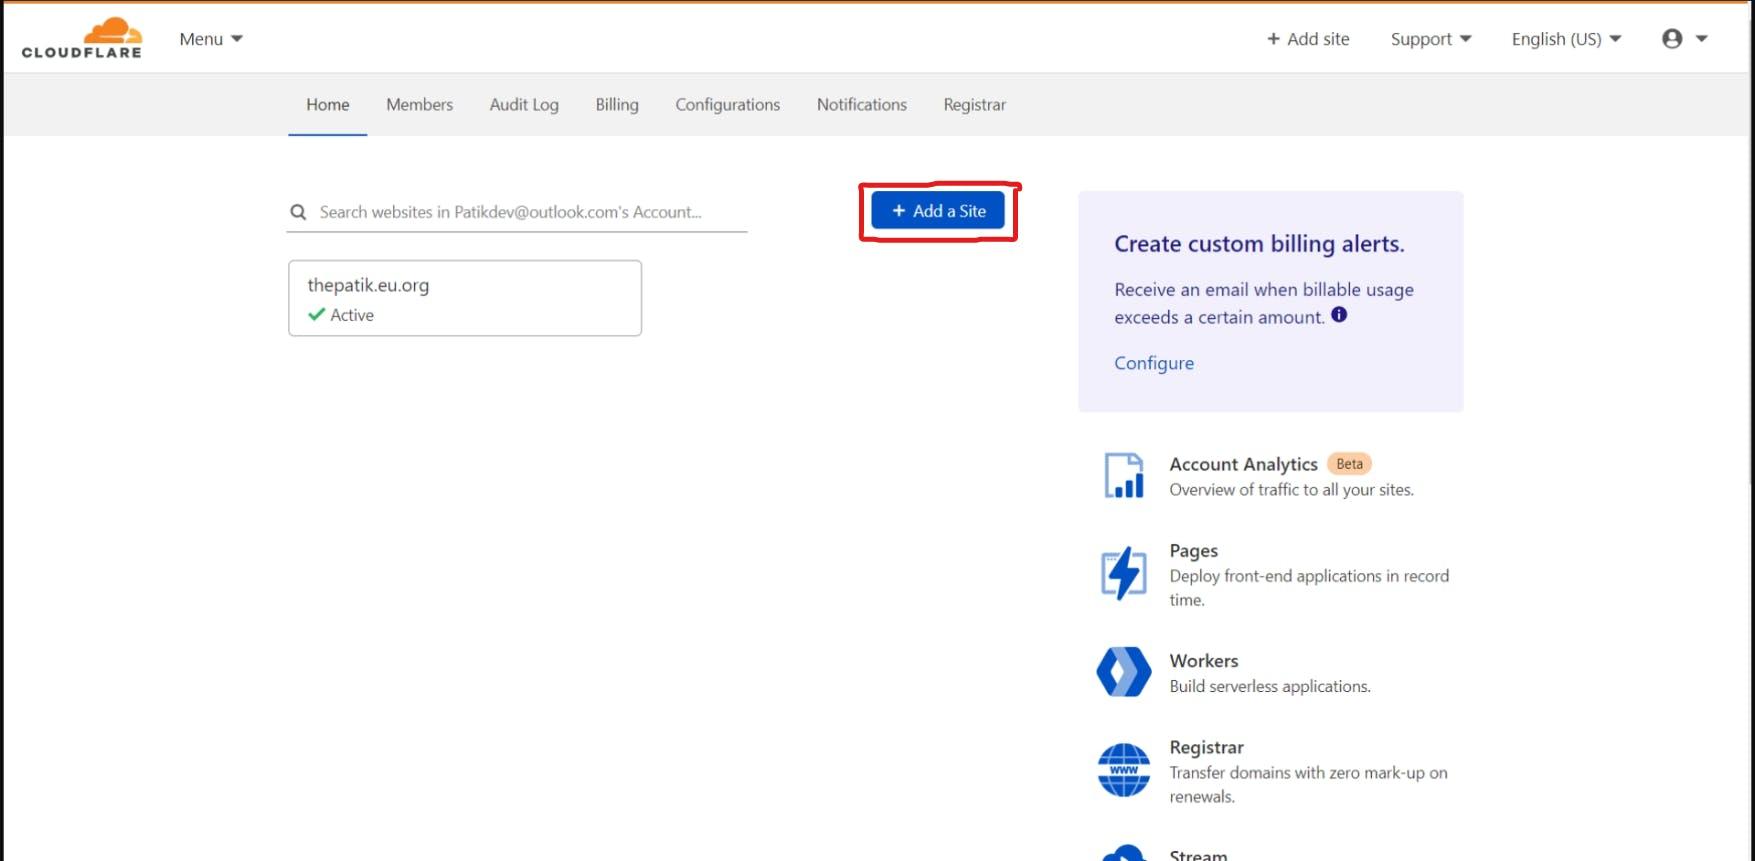 Add site button click